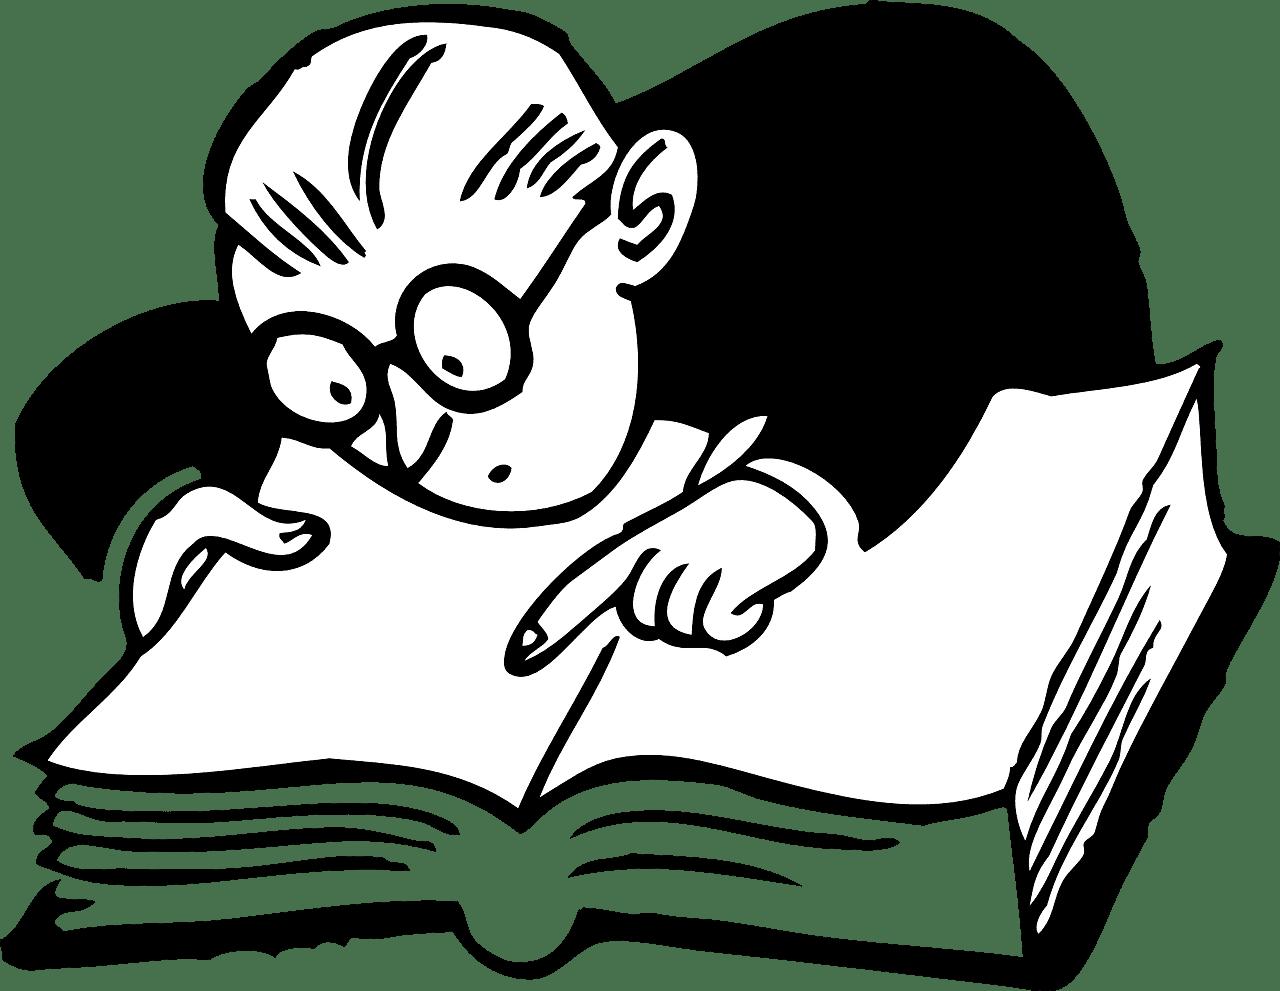 Imagem ilustrativa de um homem procurando palavras em um livro.